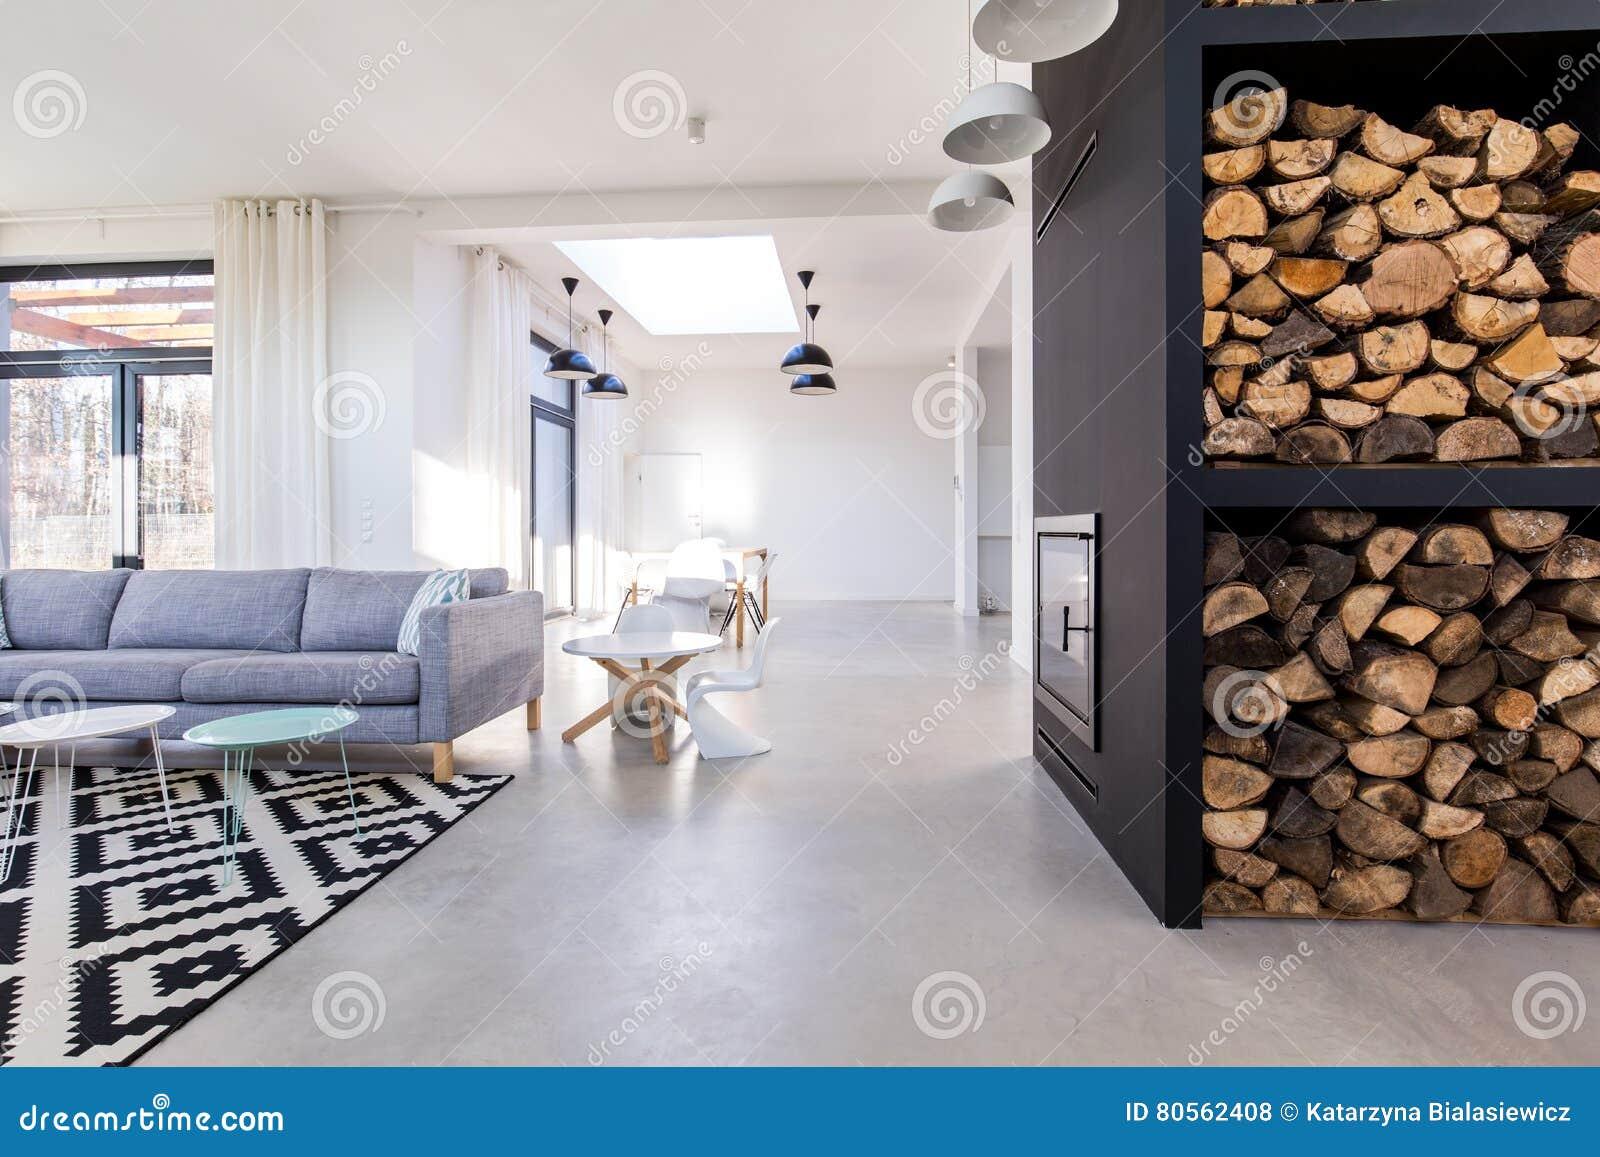 Witte woonkamer in modern minimalistisch huis met concrete vloer